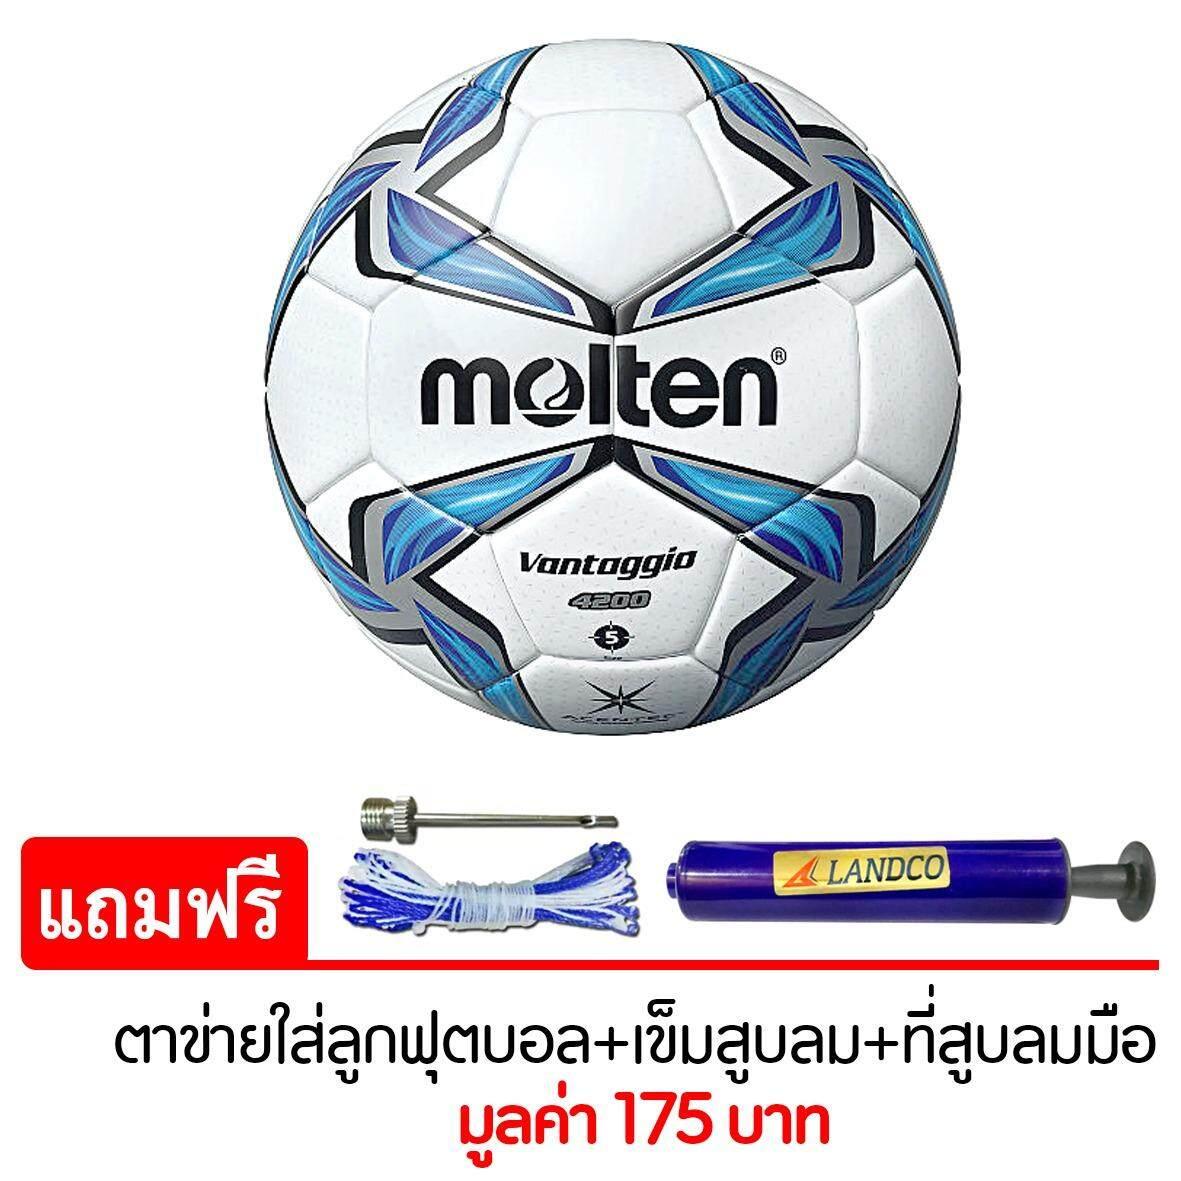 ซื้อ Molten ฟุตบอล Football Mot Hs Pu F5V4200 เบอร์5 แถมฟรี ตาข่ายใส่ลูกฟุตบอล เข็มสูบสูบลม สูบมือ Spl รุ่น Sl6 สีน้ำเงิน ใน กรุงเทพมหานคร